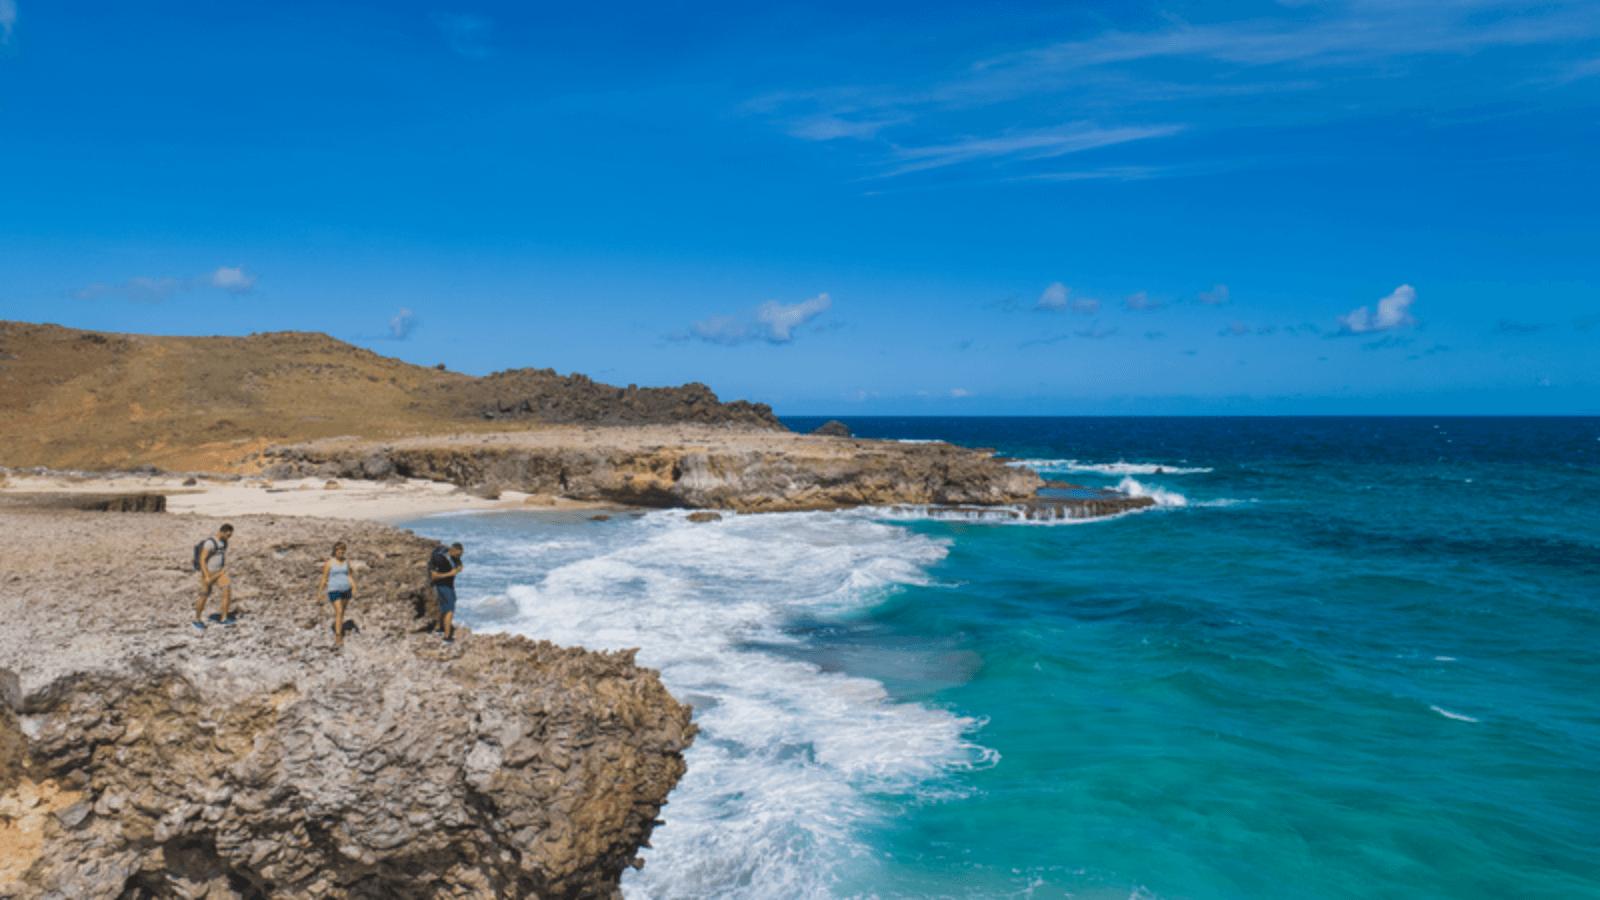 Aruba El Parque Nacional Arikok ganó el premio a la Mejor Atracción del Caribe 2020 1